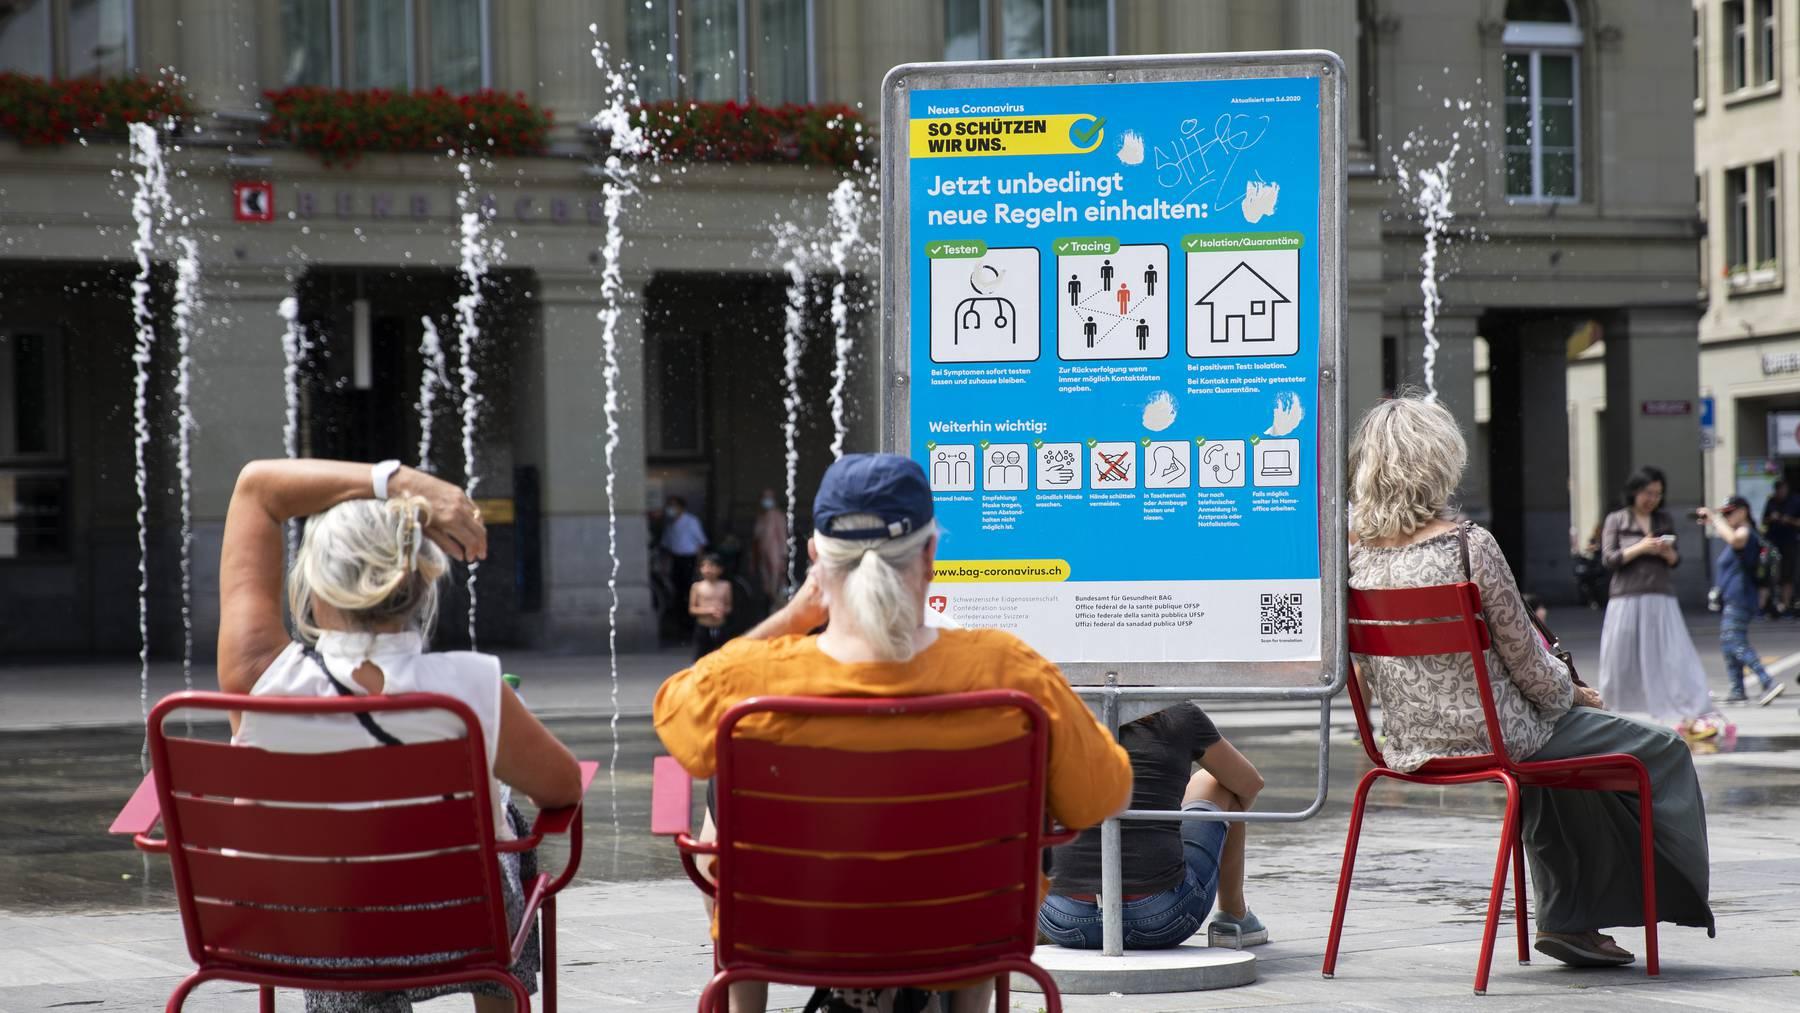 Die aktuelle Kampagne des Bundesamts für Gesundheit zur Eindämmung des Coronavirus in der Schweiz.